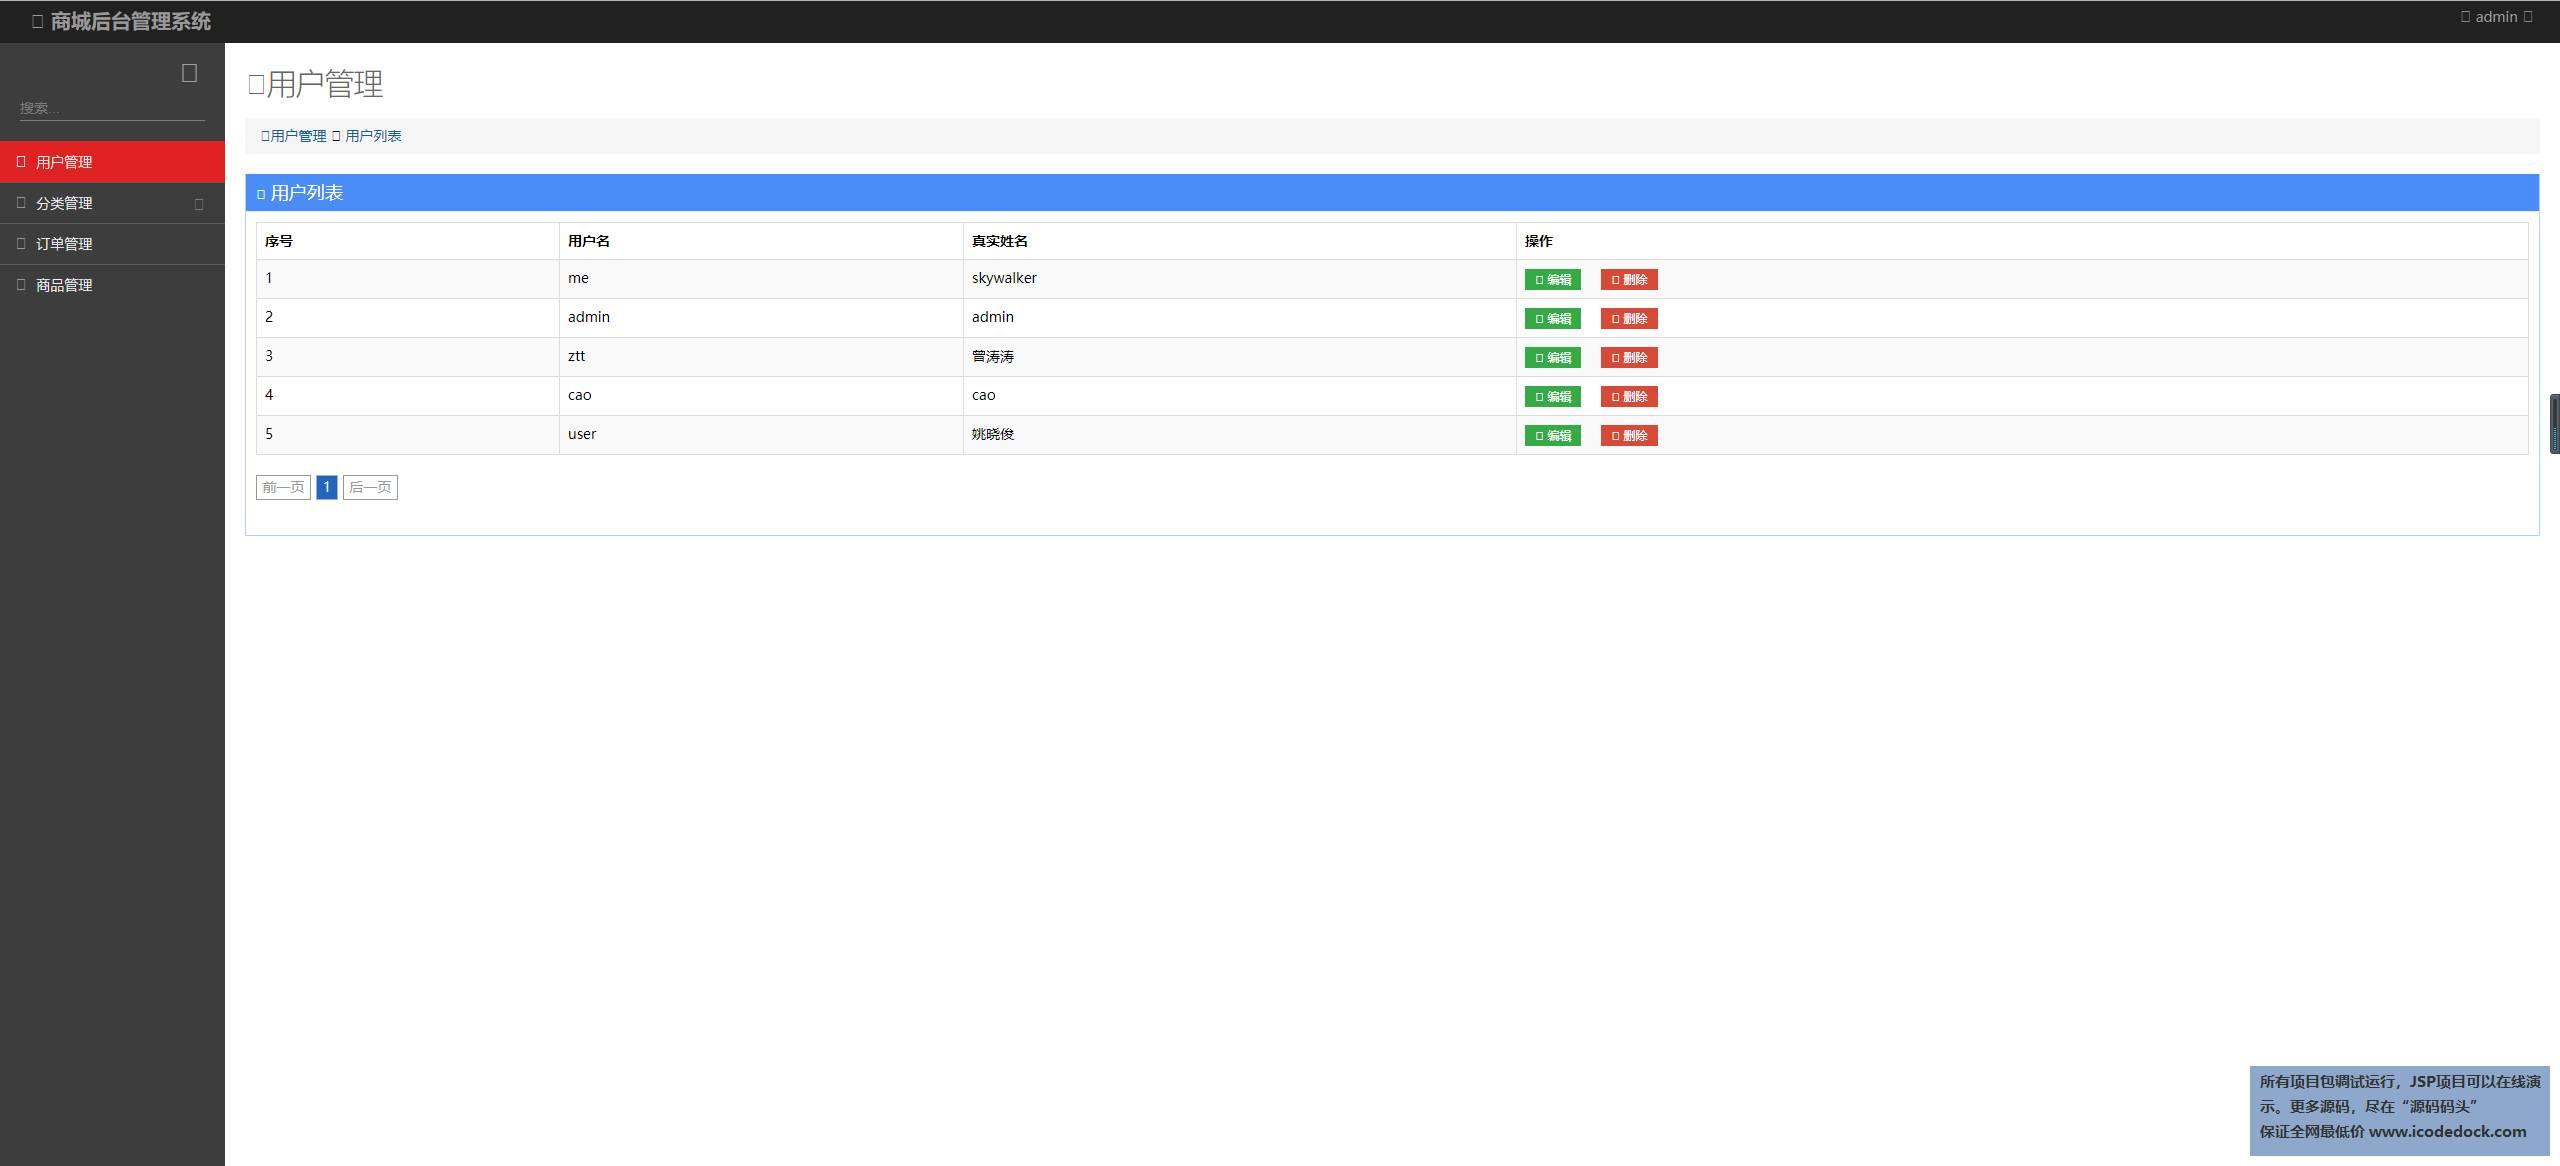 源码码头-SpringBoot在线电子商城管理系统-管理员角色-后台登录后首页